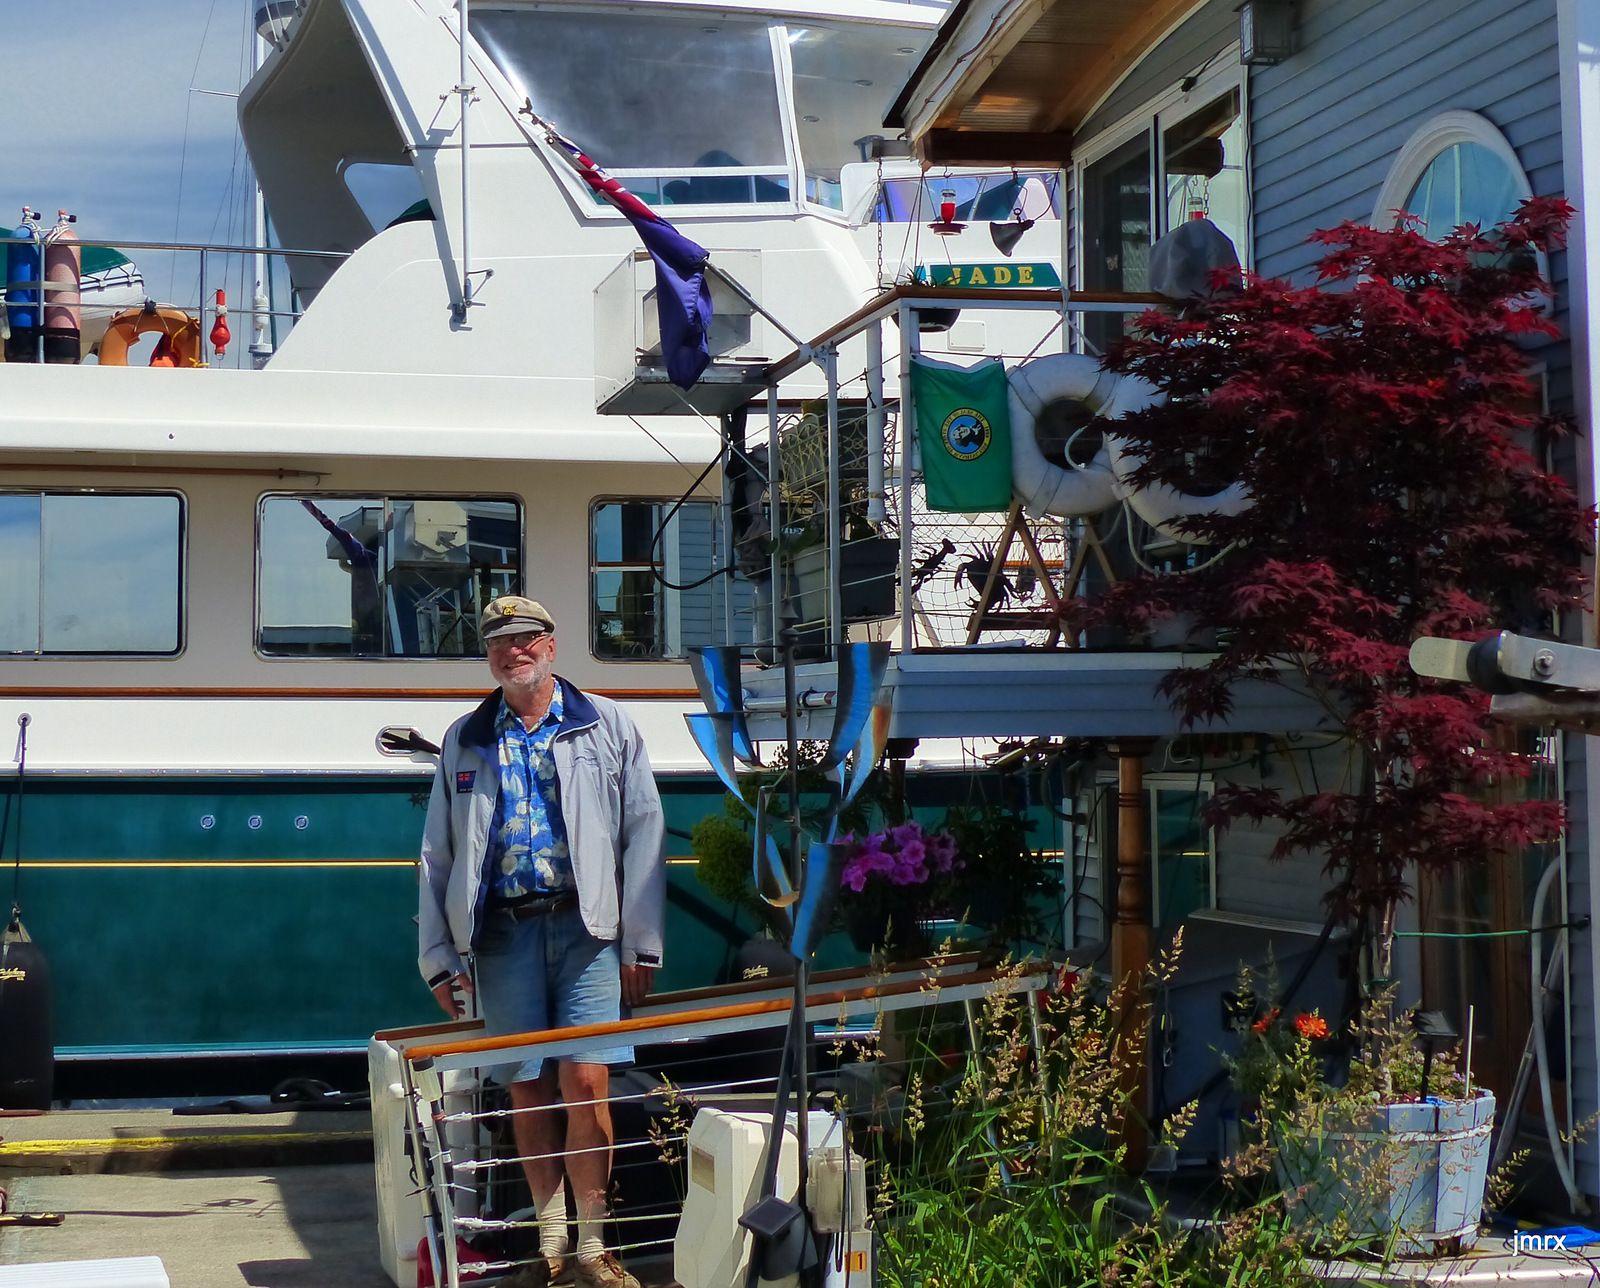 Nos charmants voisins de ponton. Pavillon Kiwi à la proue.